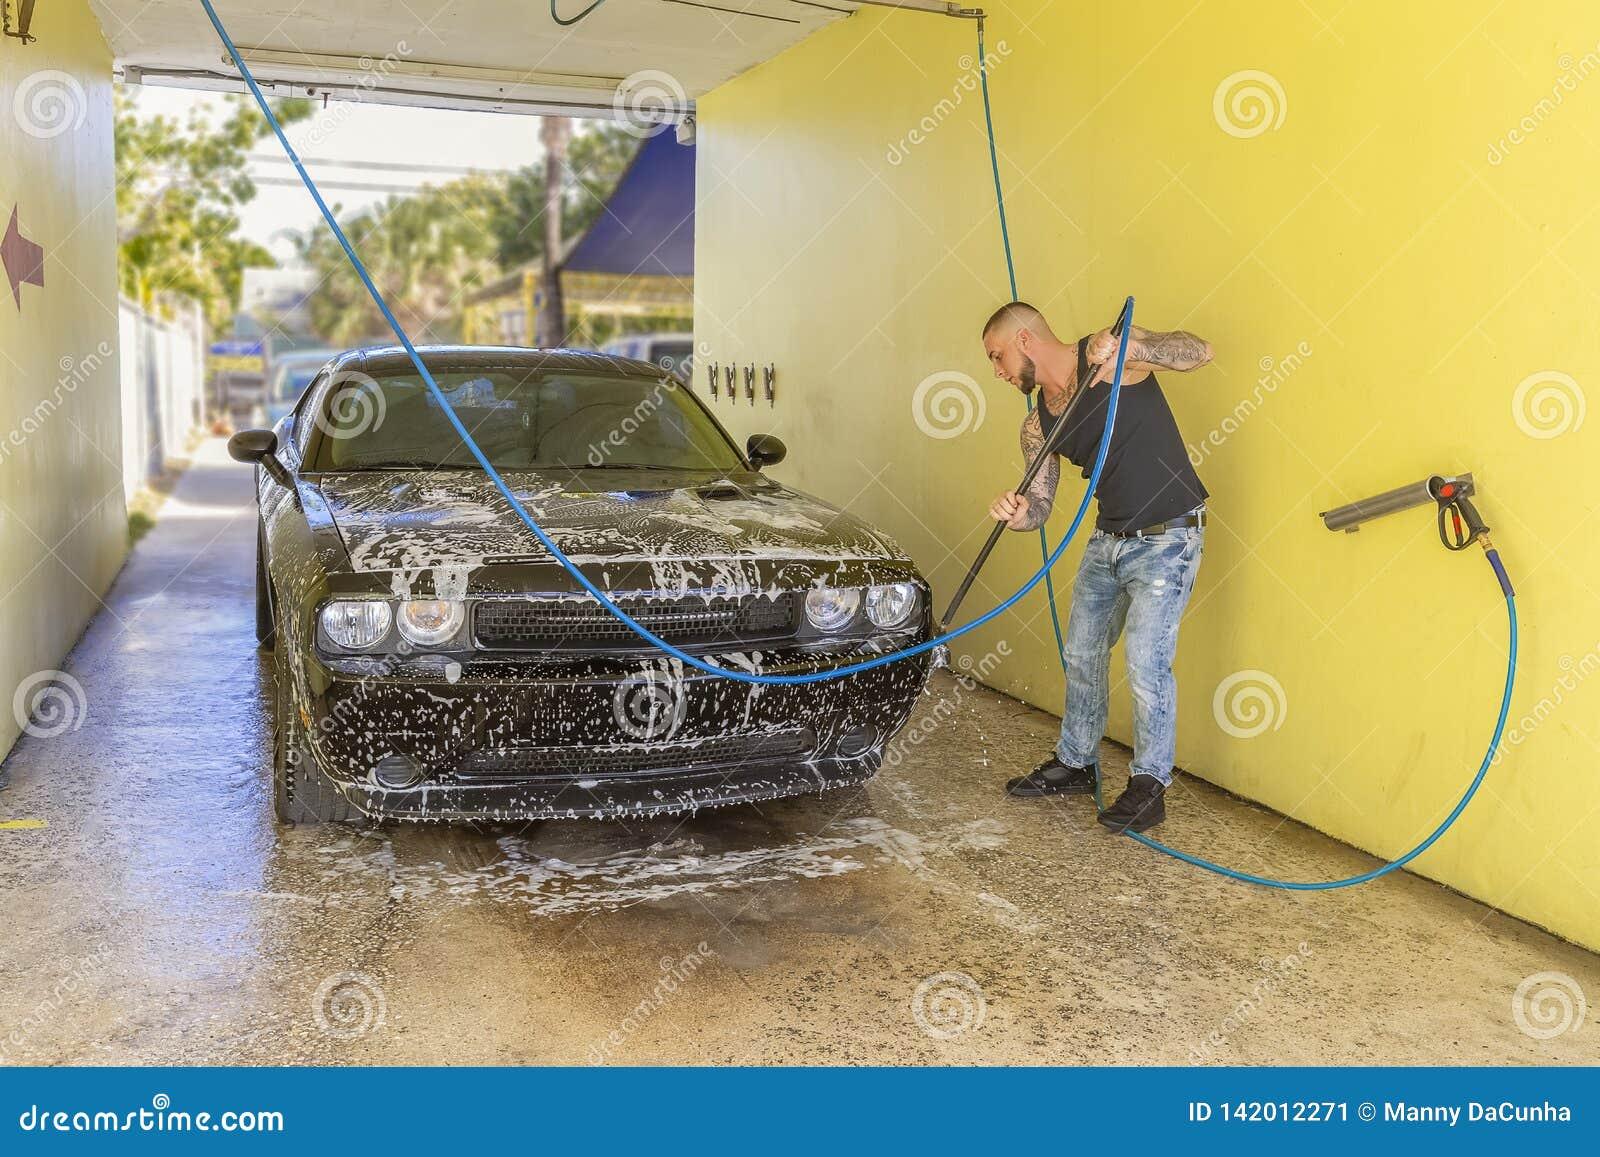 Ένα άτομο που πλένει το αυτοκίνητό του στον κόλπο αυτοκίνητο-πλυσίματος